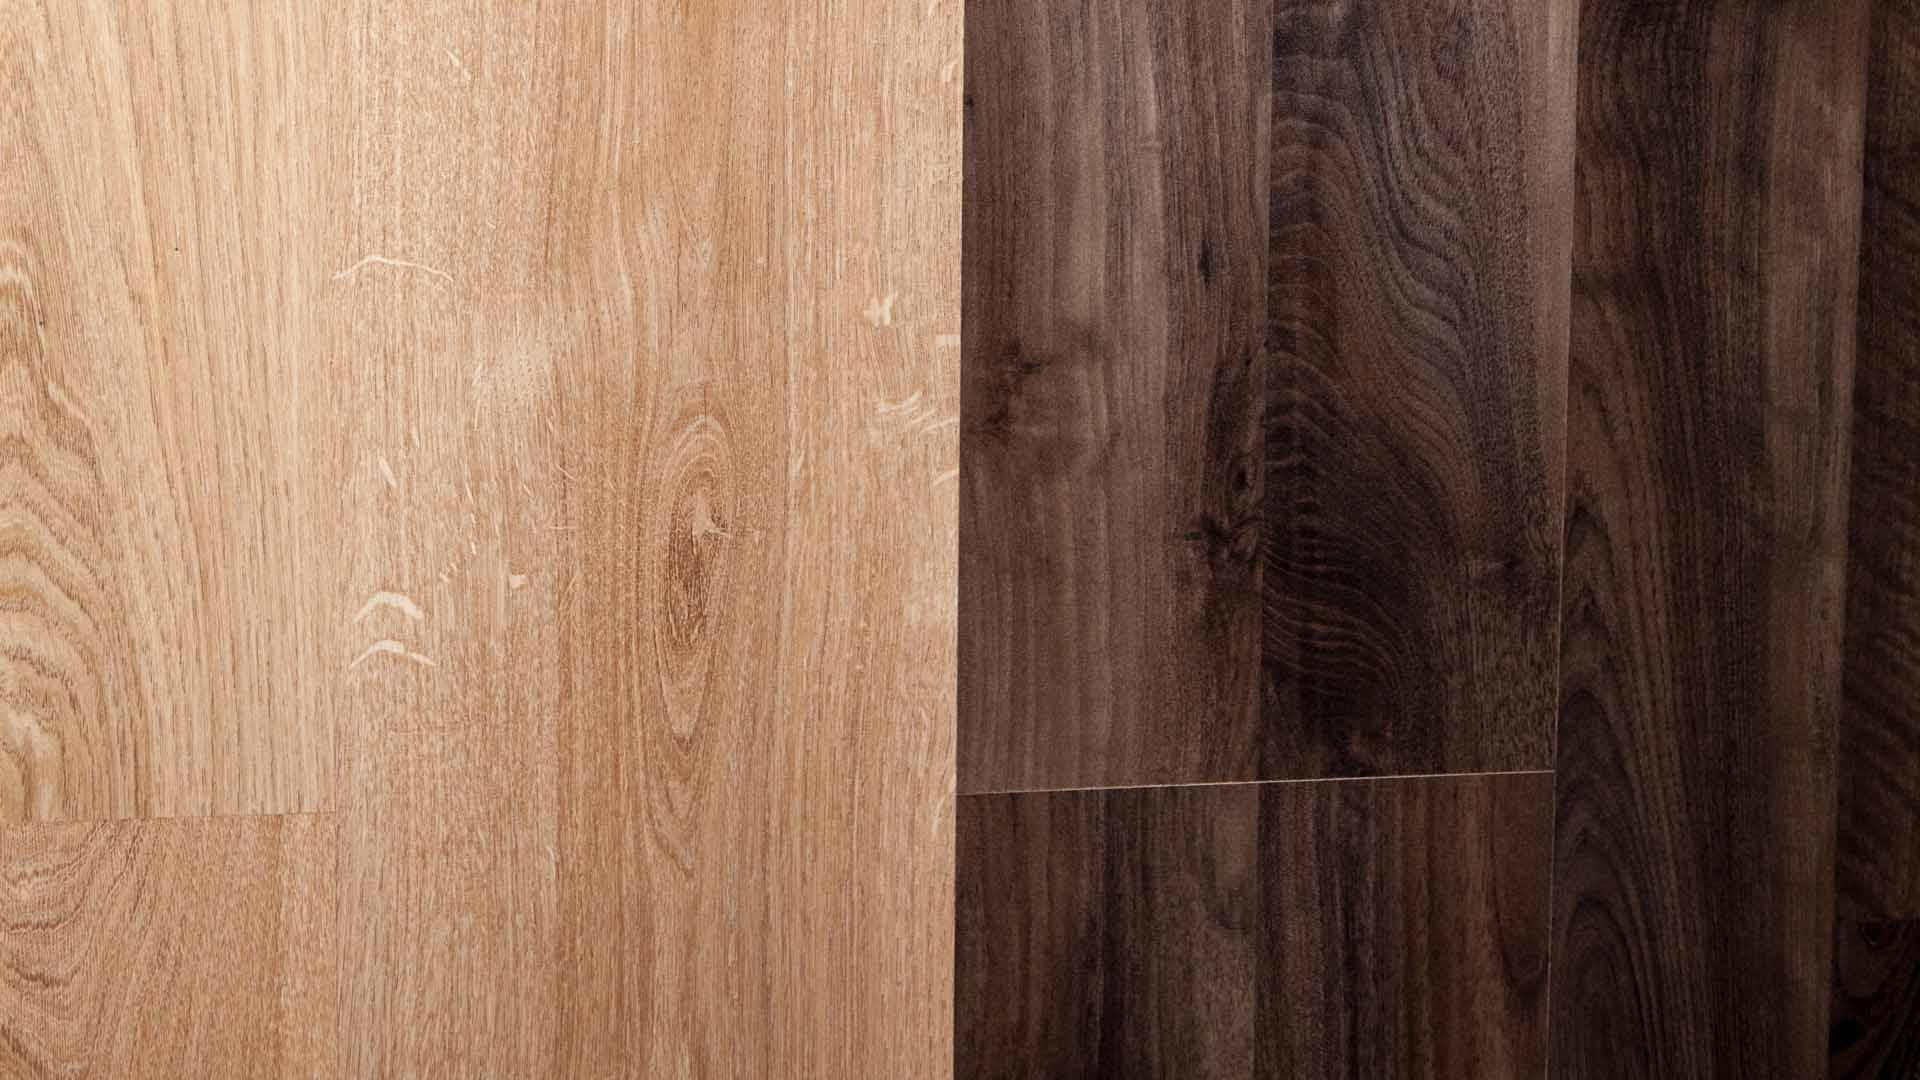 Laminated Wood Flooring Cosmo Granites Pvt Ltd